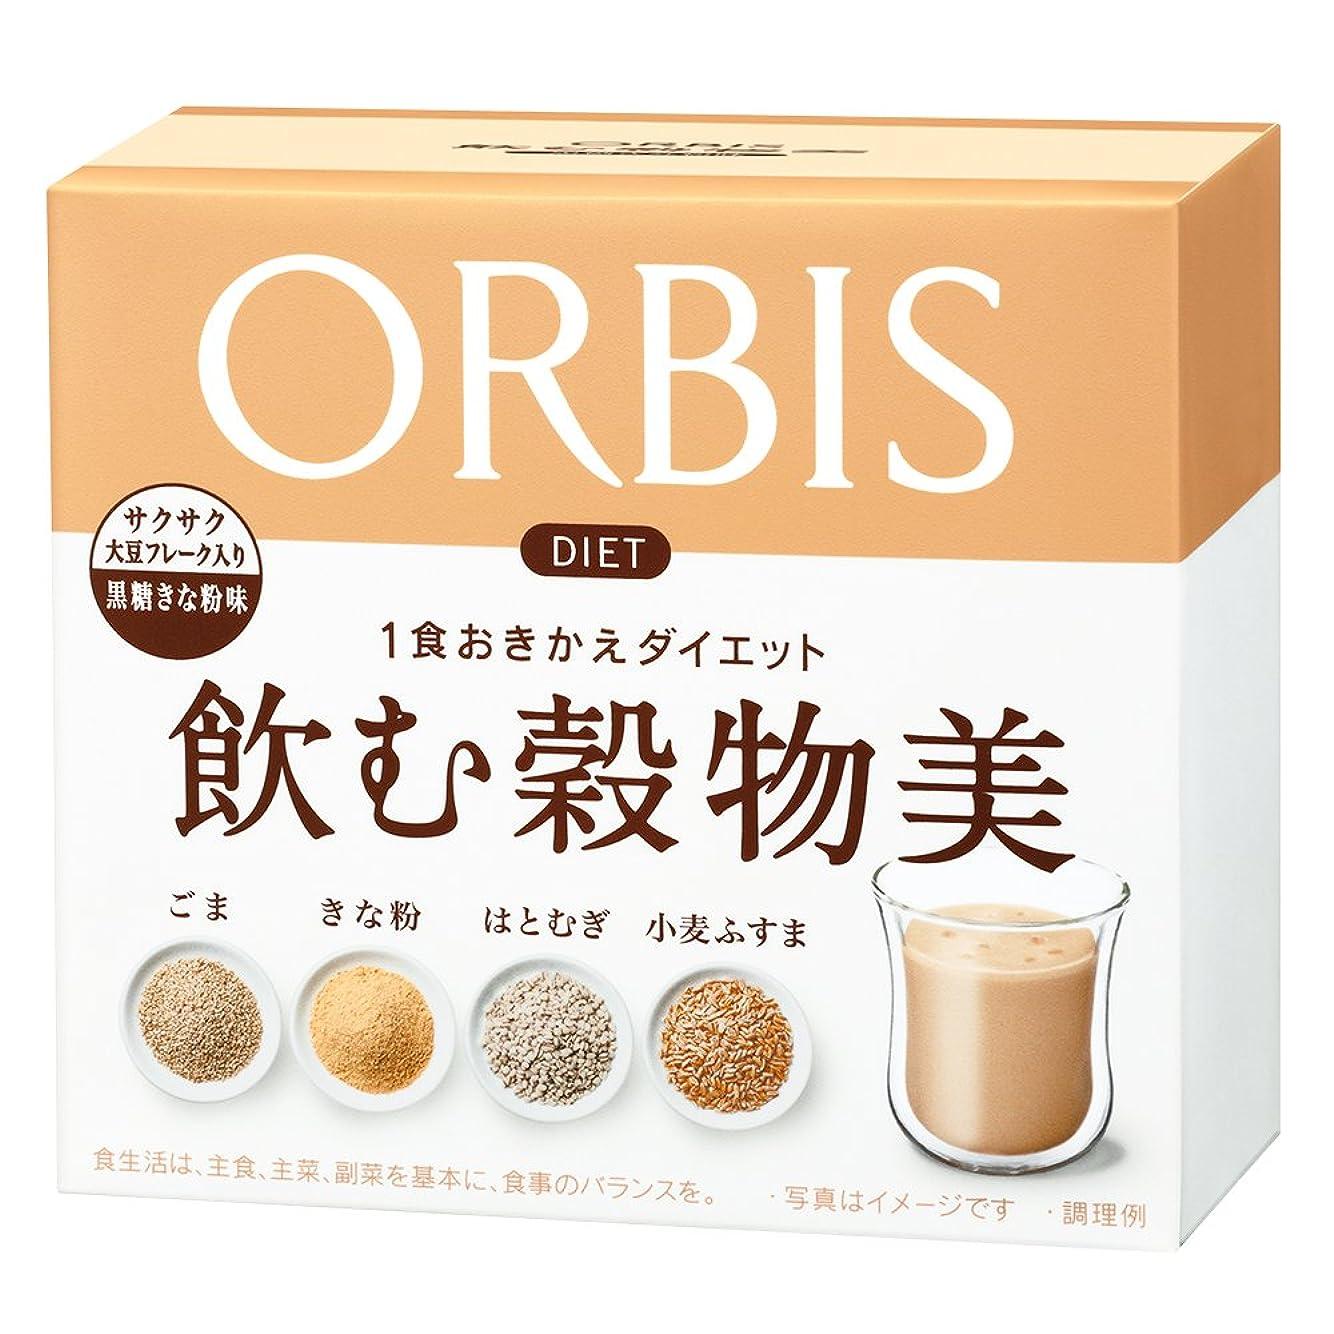 ジュニア正当な貨物オルビス(ORBIS) 飲む穀物美 黒糖きなこ味 7日分(25g×7袋) ◎雑穀ダイエットシェイク◎ 1食分約189kcal